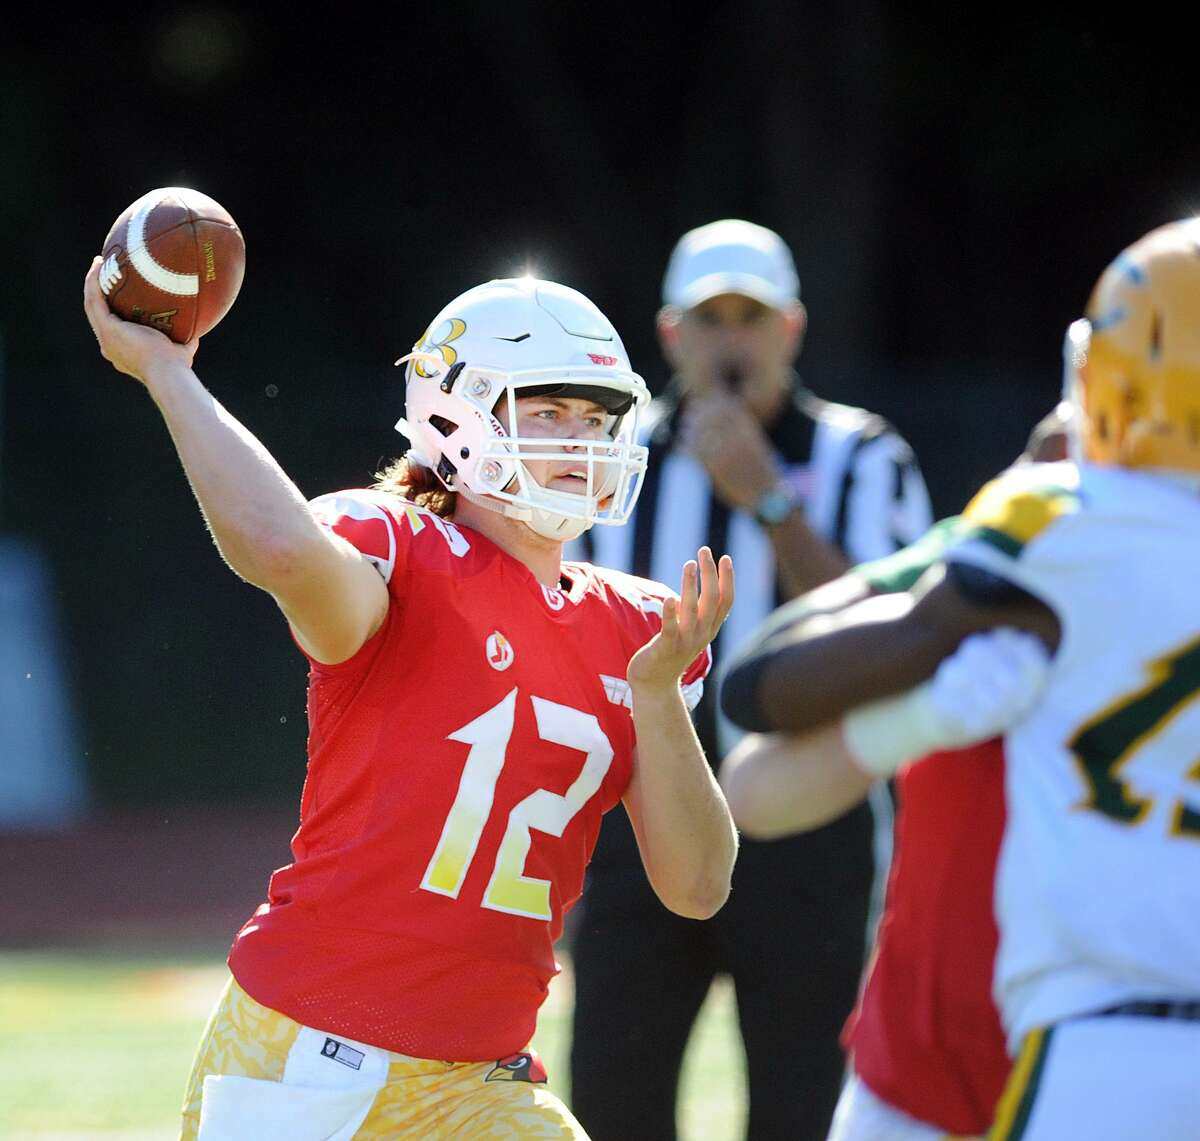 Greenwich quarterback Gavin Muir makes a throw against Trinity Catholic on Sept. 15.